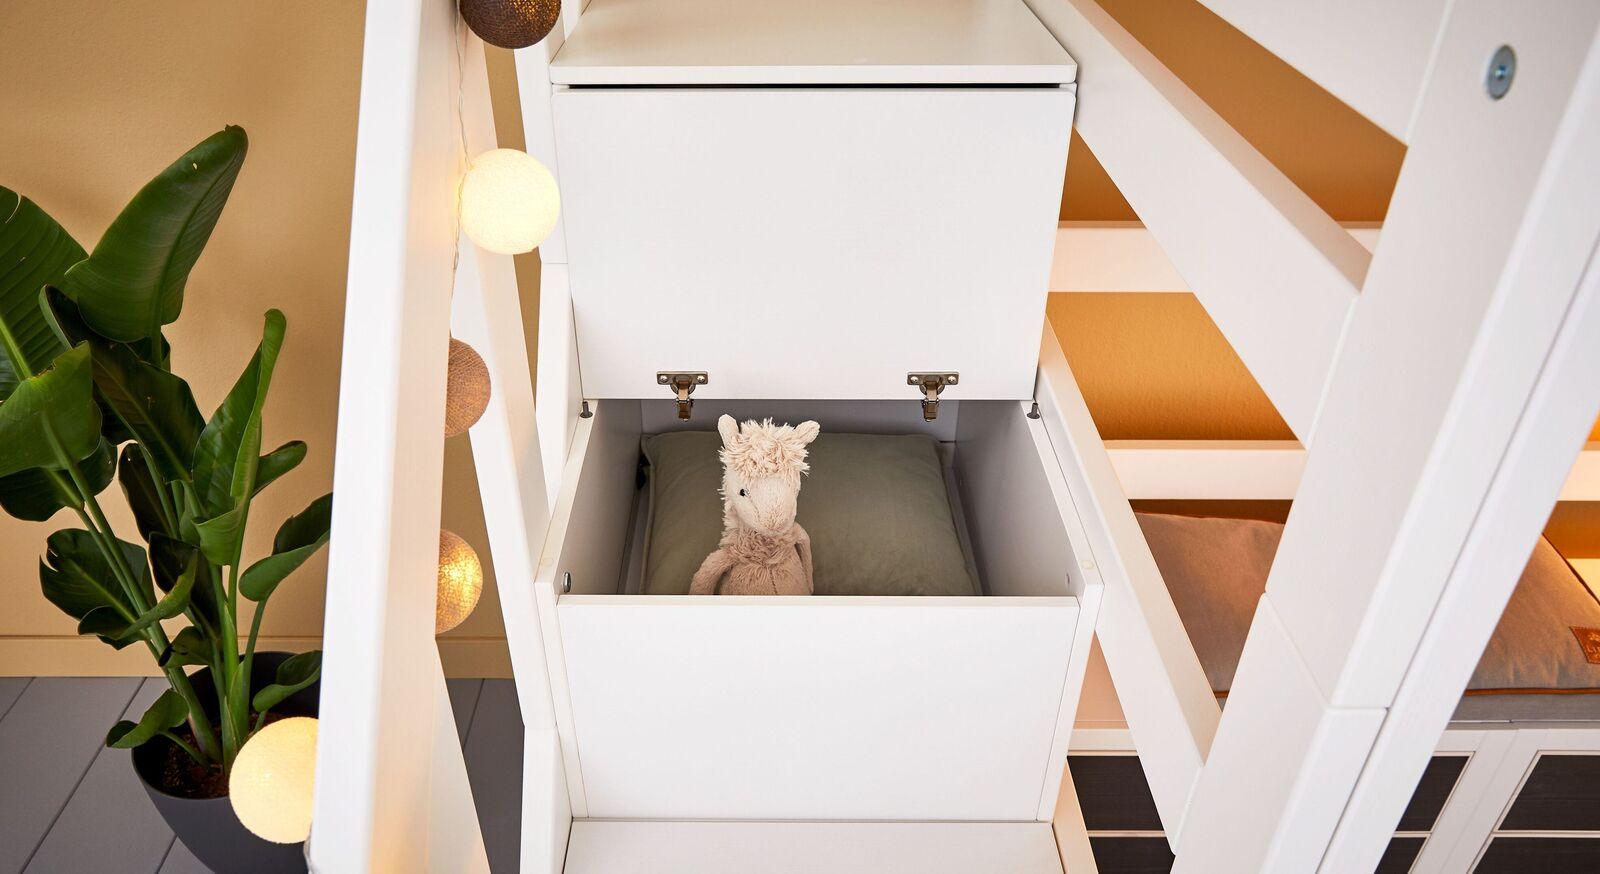 LIFETIME Hochbett Original mit Treppenmodul und Stauraum-Boxen